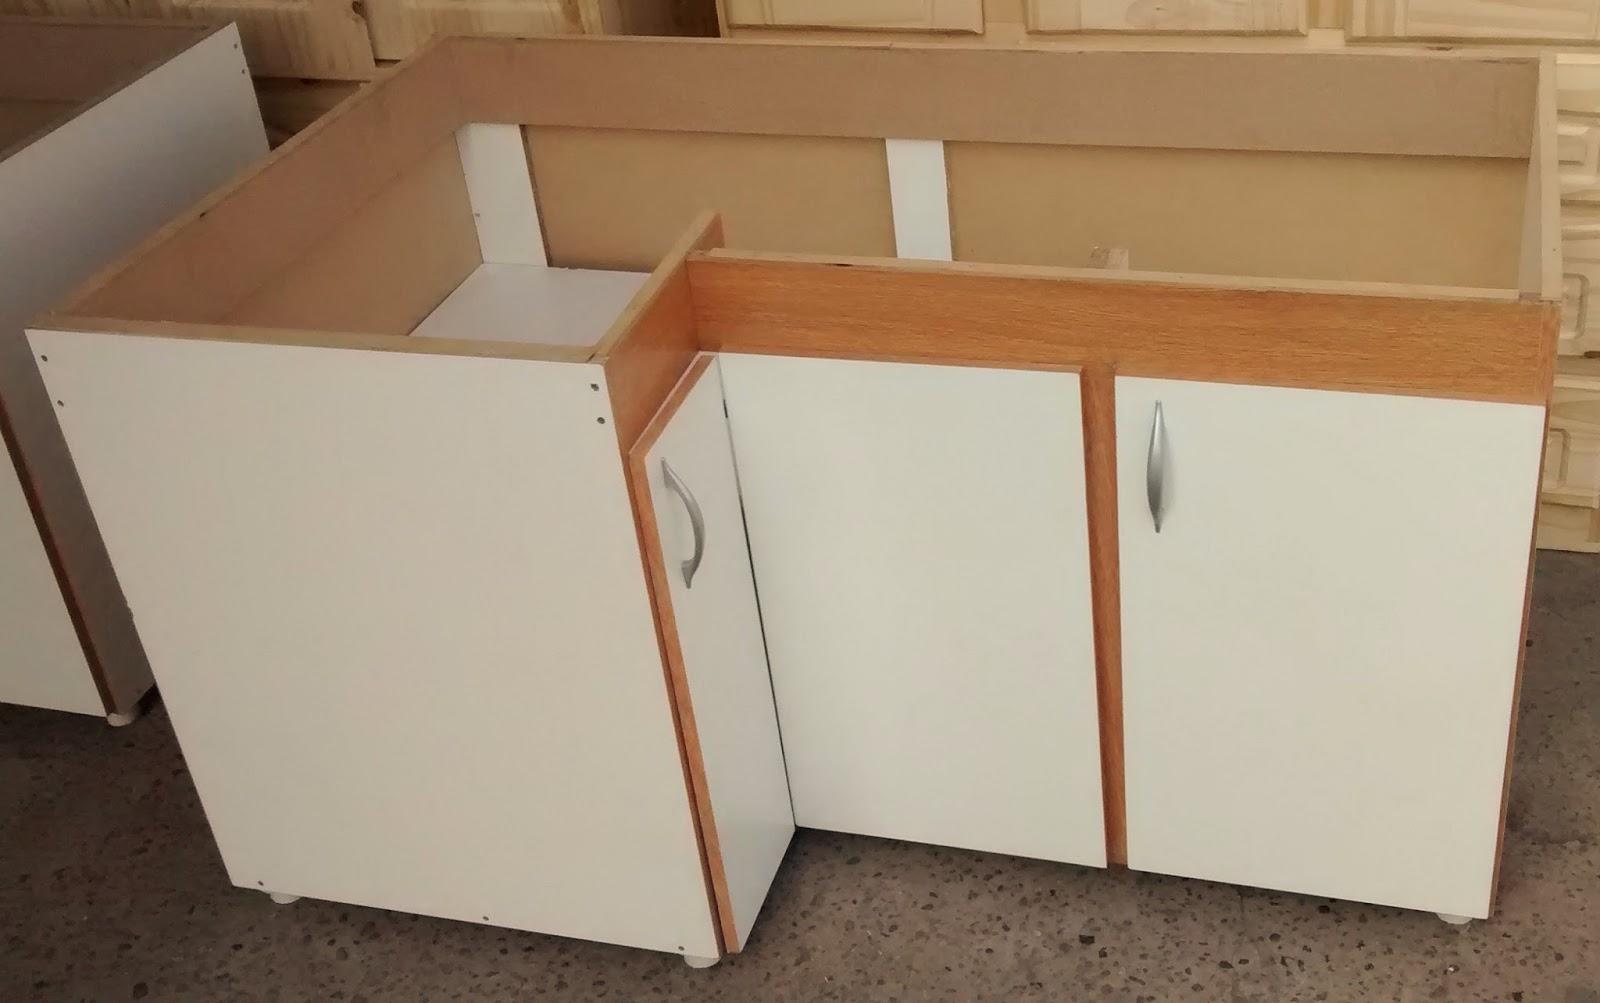 Pichon muebles bajo mesada y alacena melamina blanca for Severino muebles cocina alacena melamina blanca